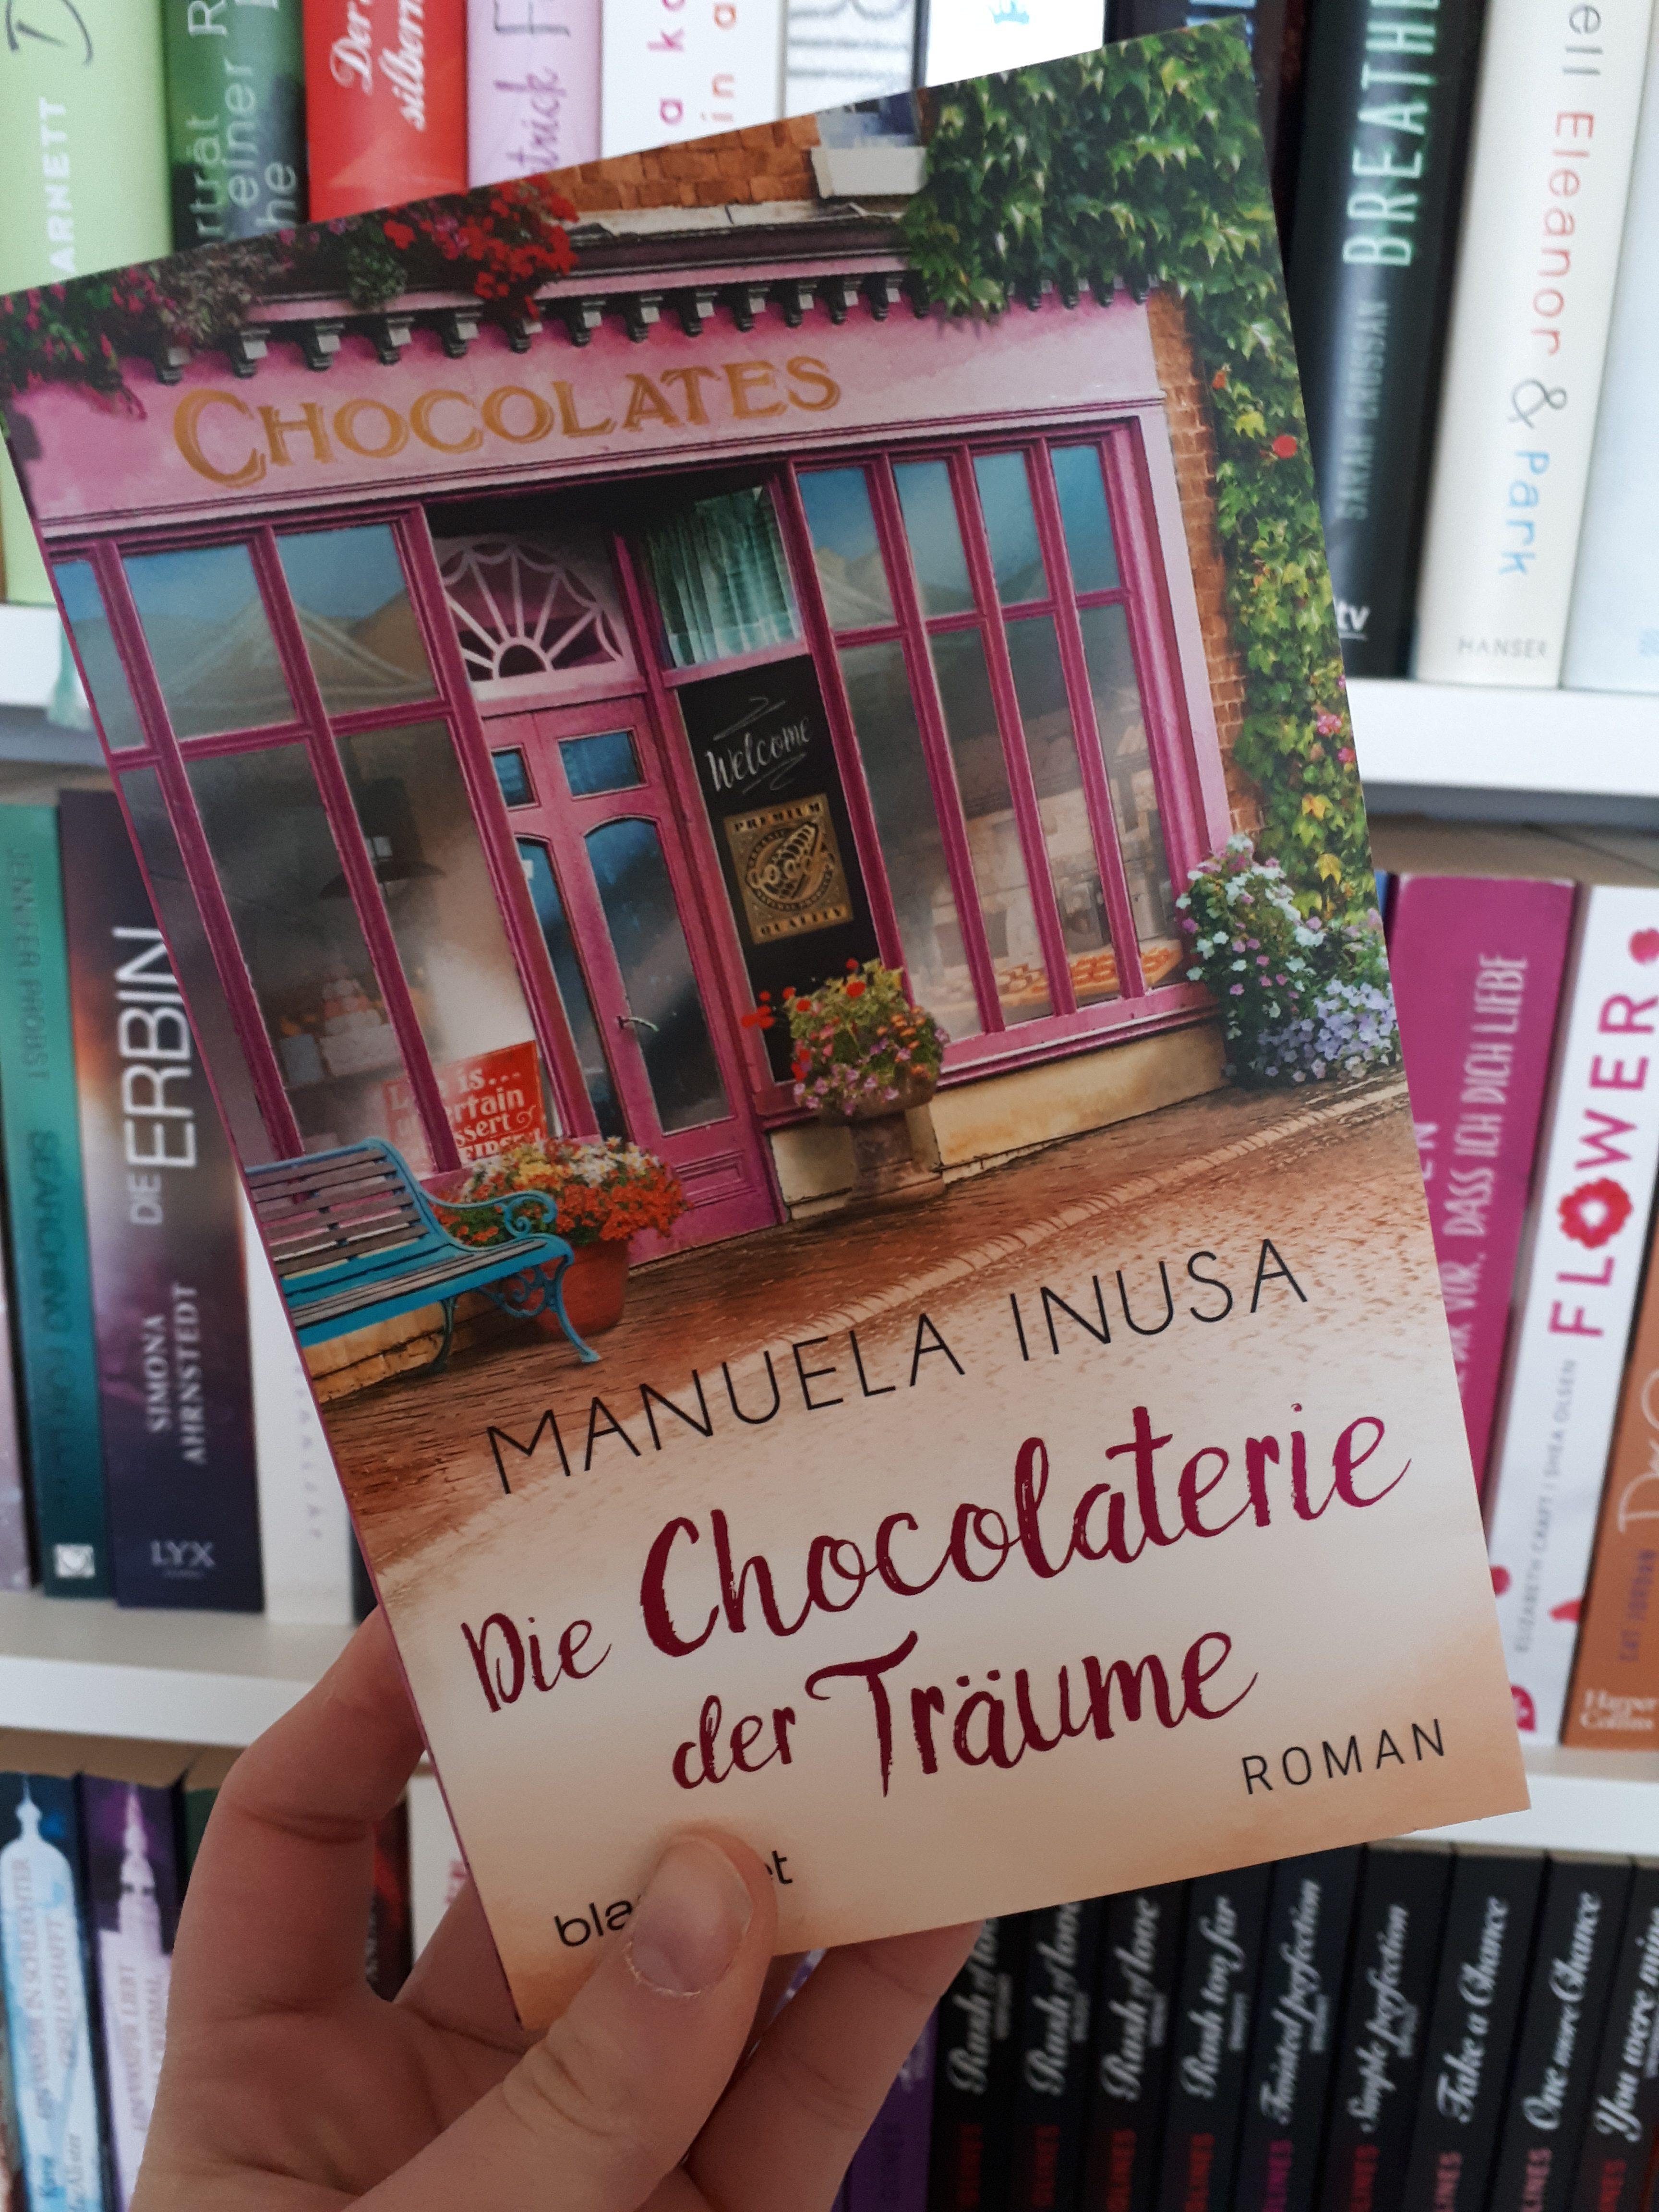 [Werbung] Die Chocolaterie der Träume – Manuela Inusa